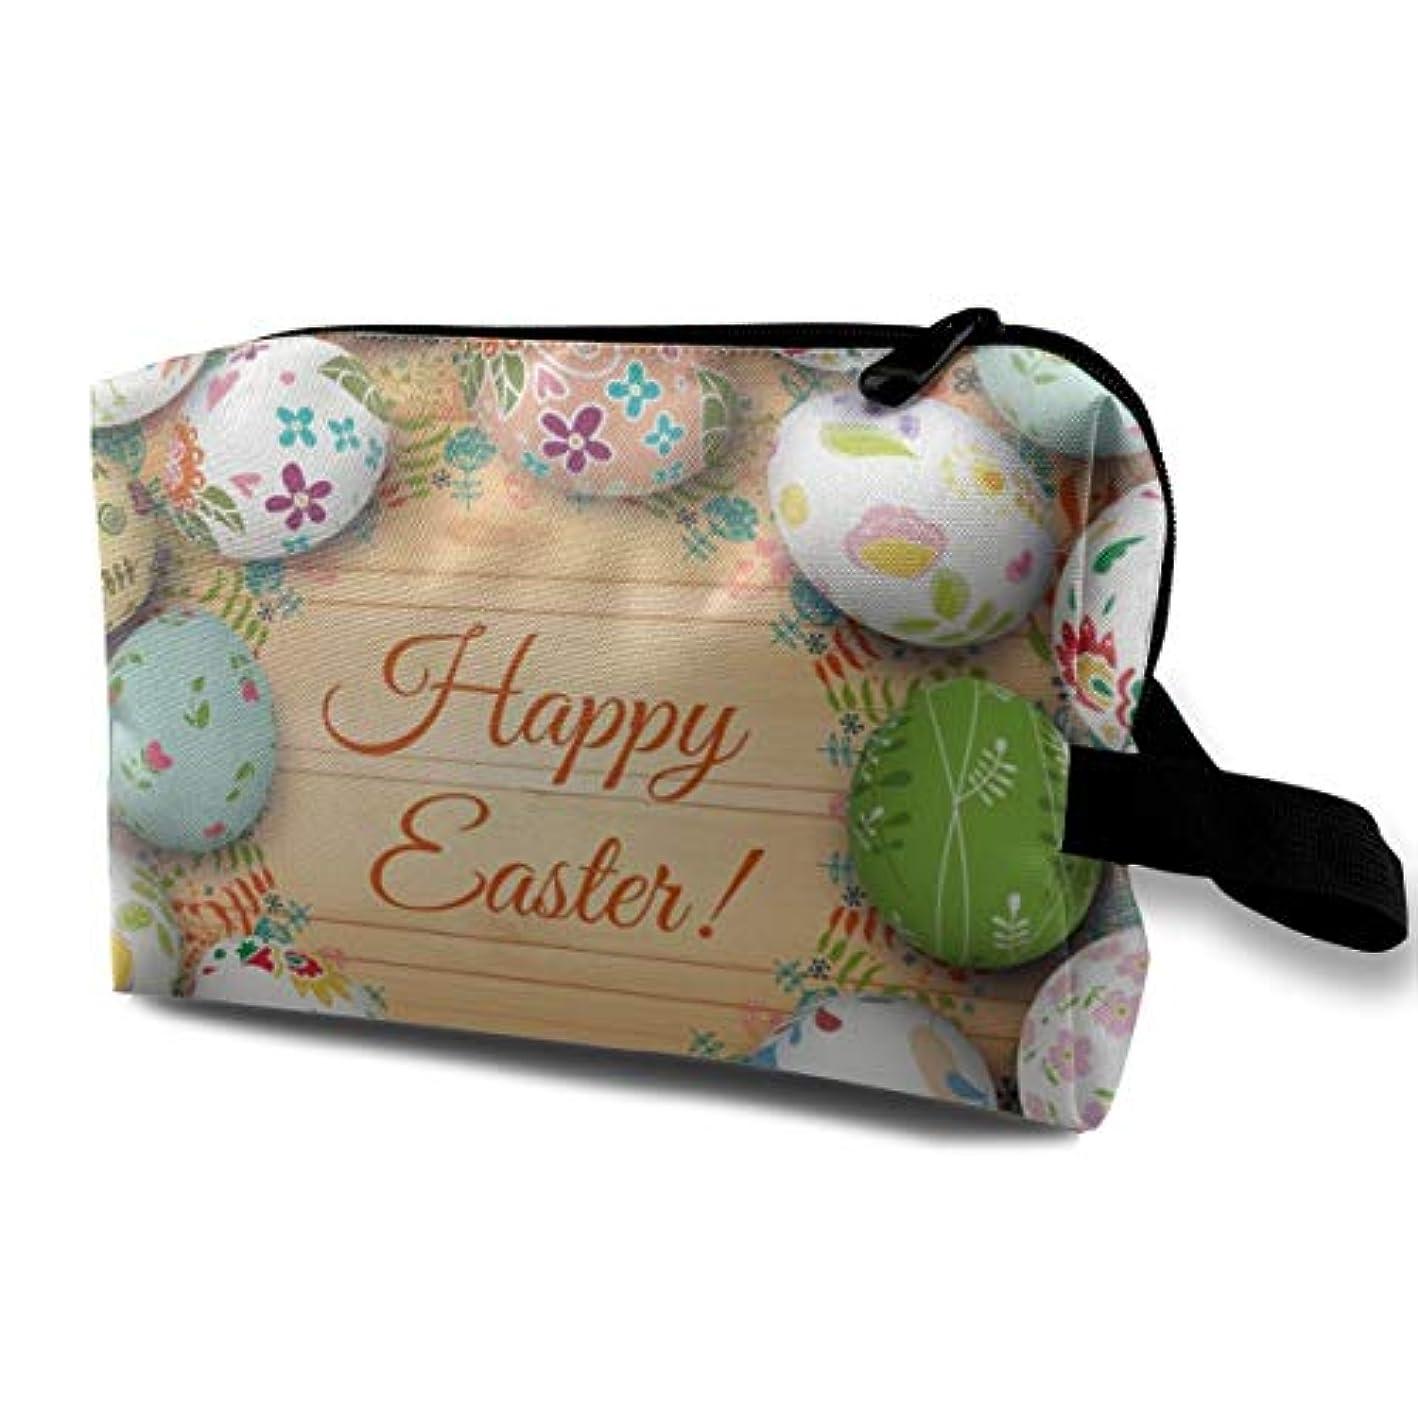 ハウス嵐が丘知っているに立ち寄るEaster Card And Eggs 収納ポーチ 化粧ポーチ 大容量 軽量 耐久性 ハンドル付持ち運び便利。入れ 自宅?出張?旅行?アウトドア撮影などに対応。メンズ レディース トラベルグッズ